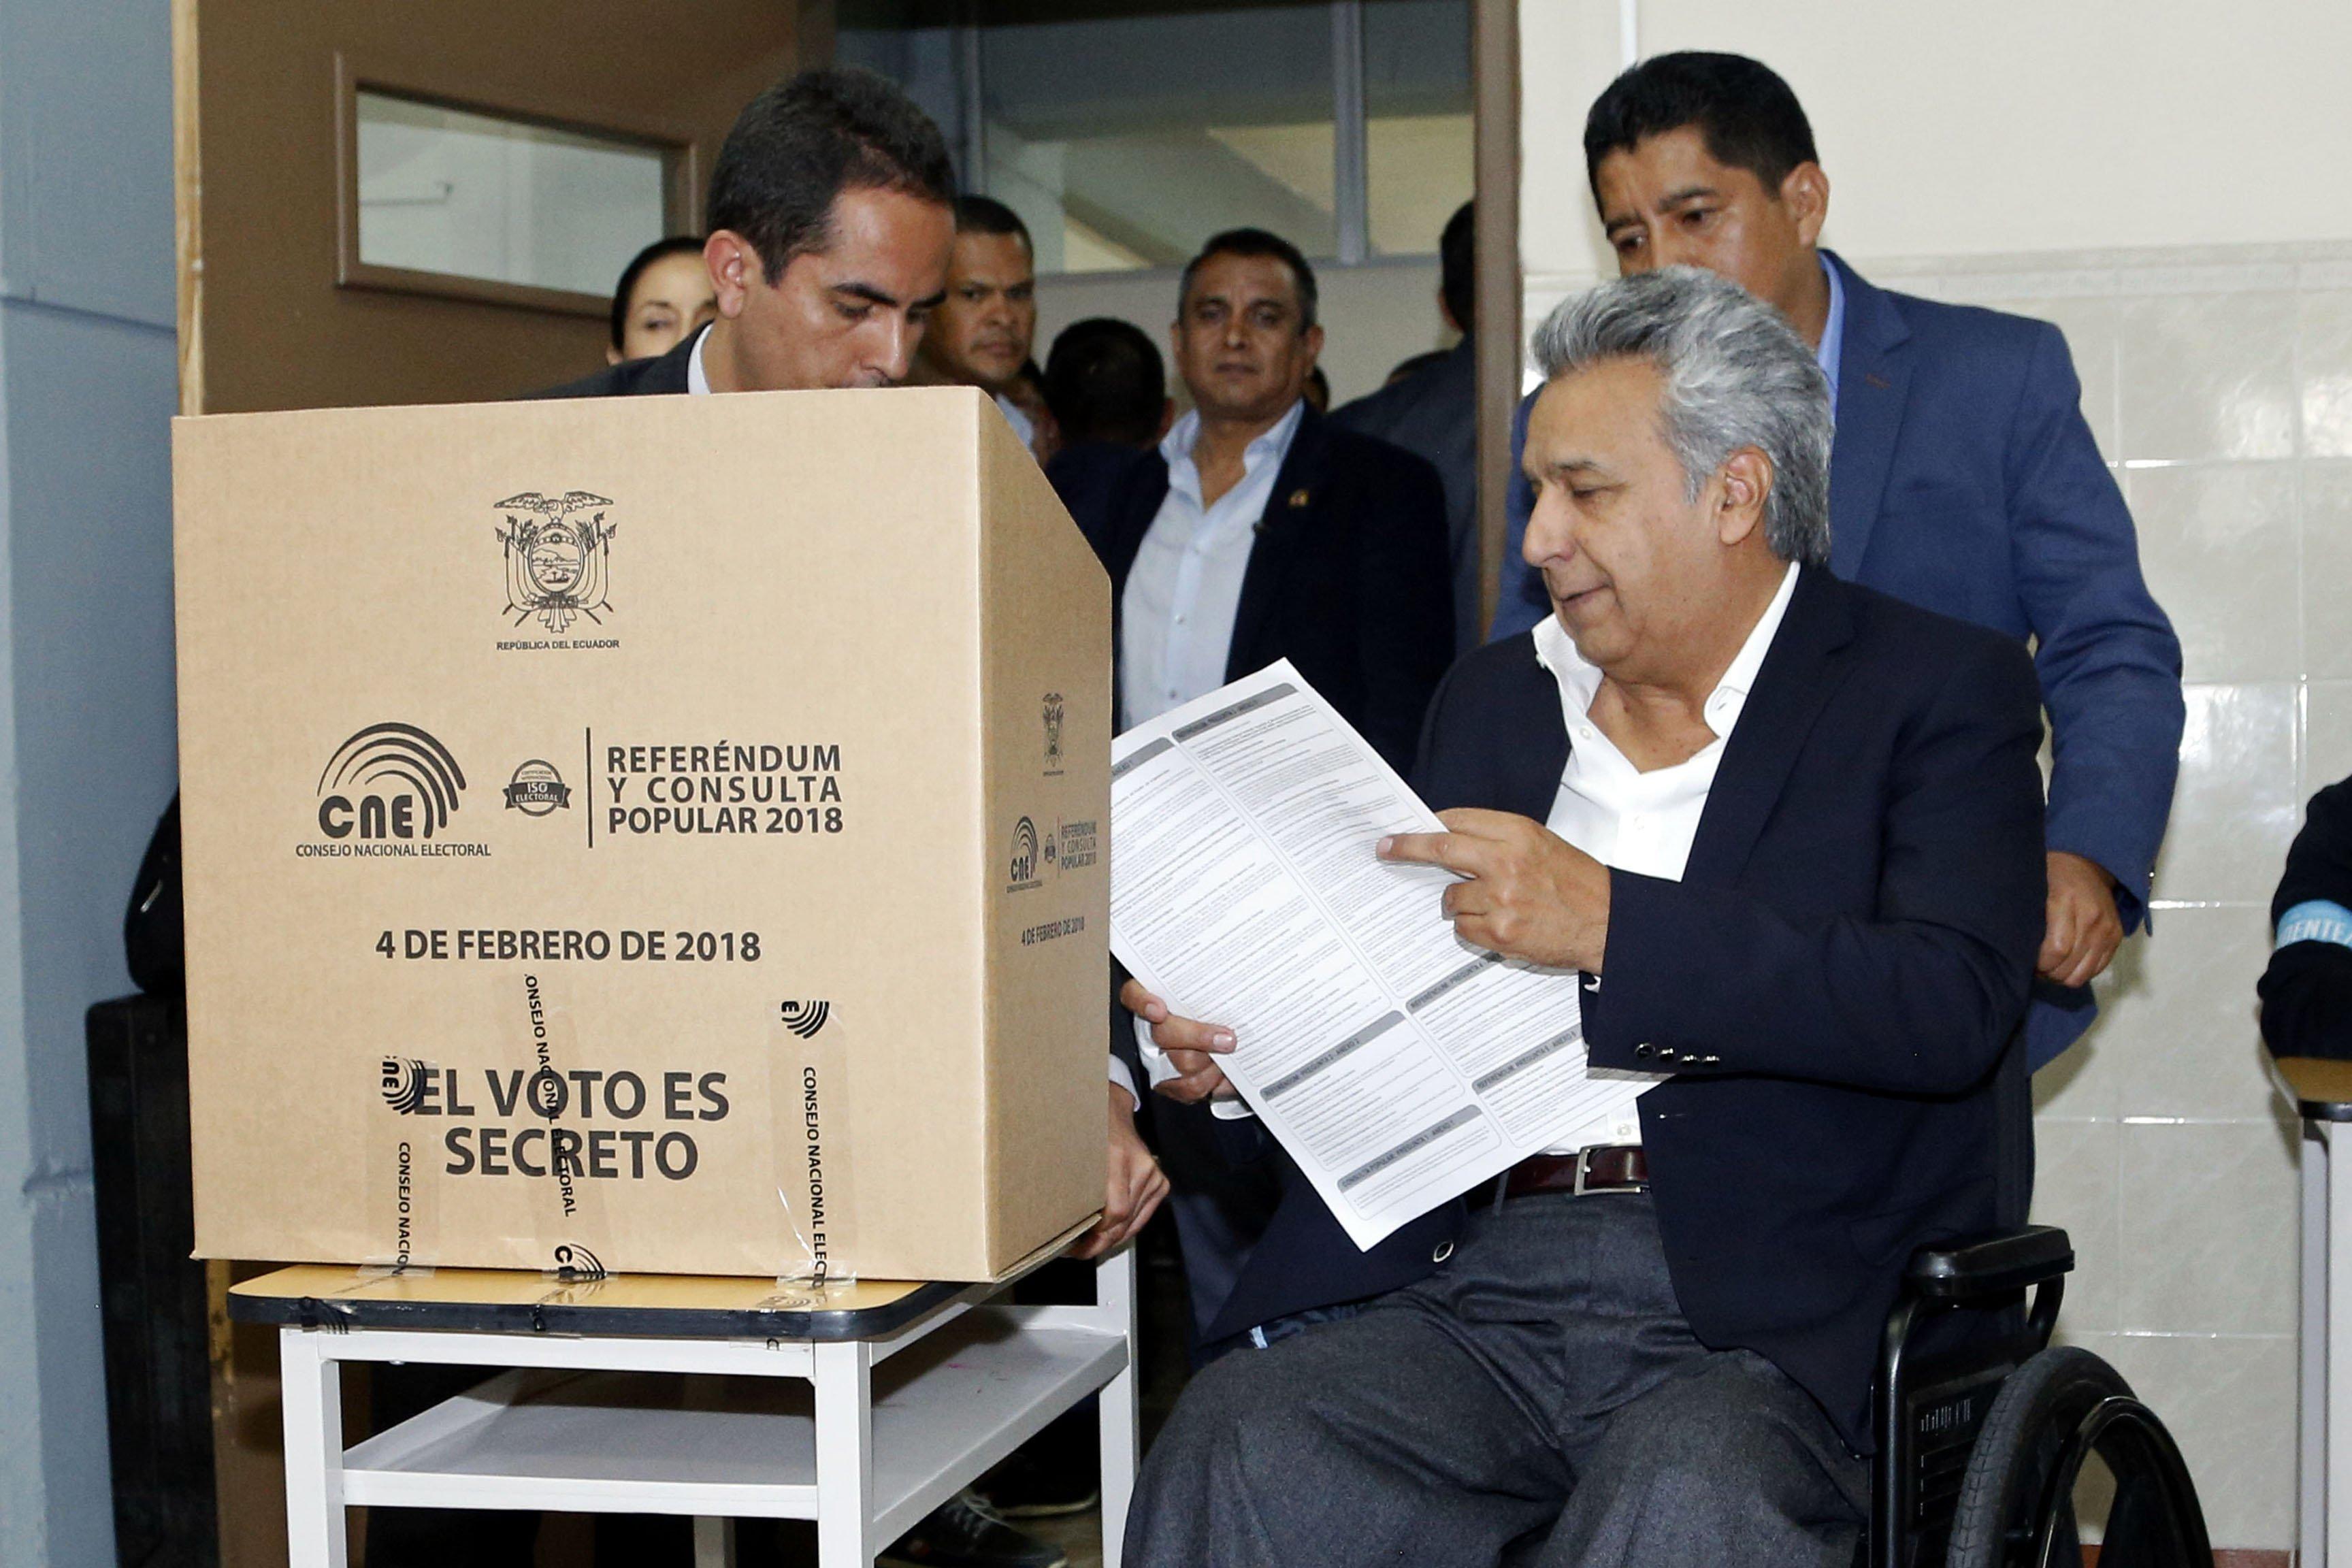 Resultado de imagem para referendo lenin ecuador si